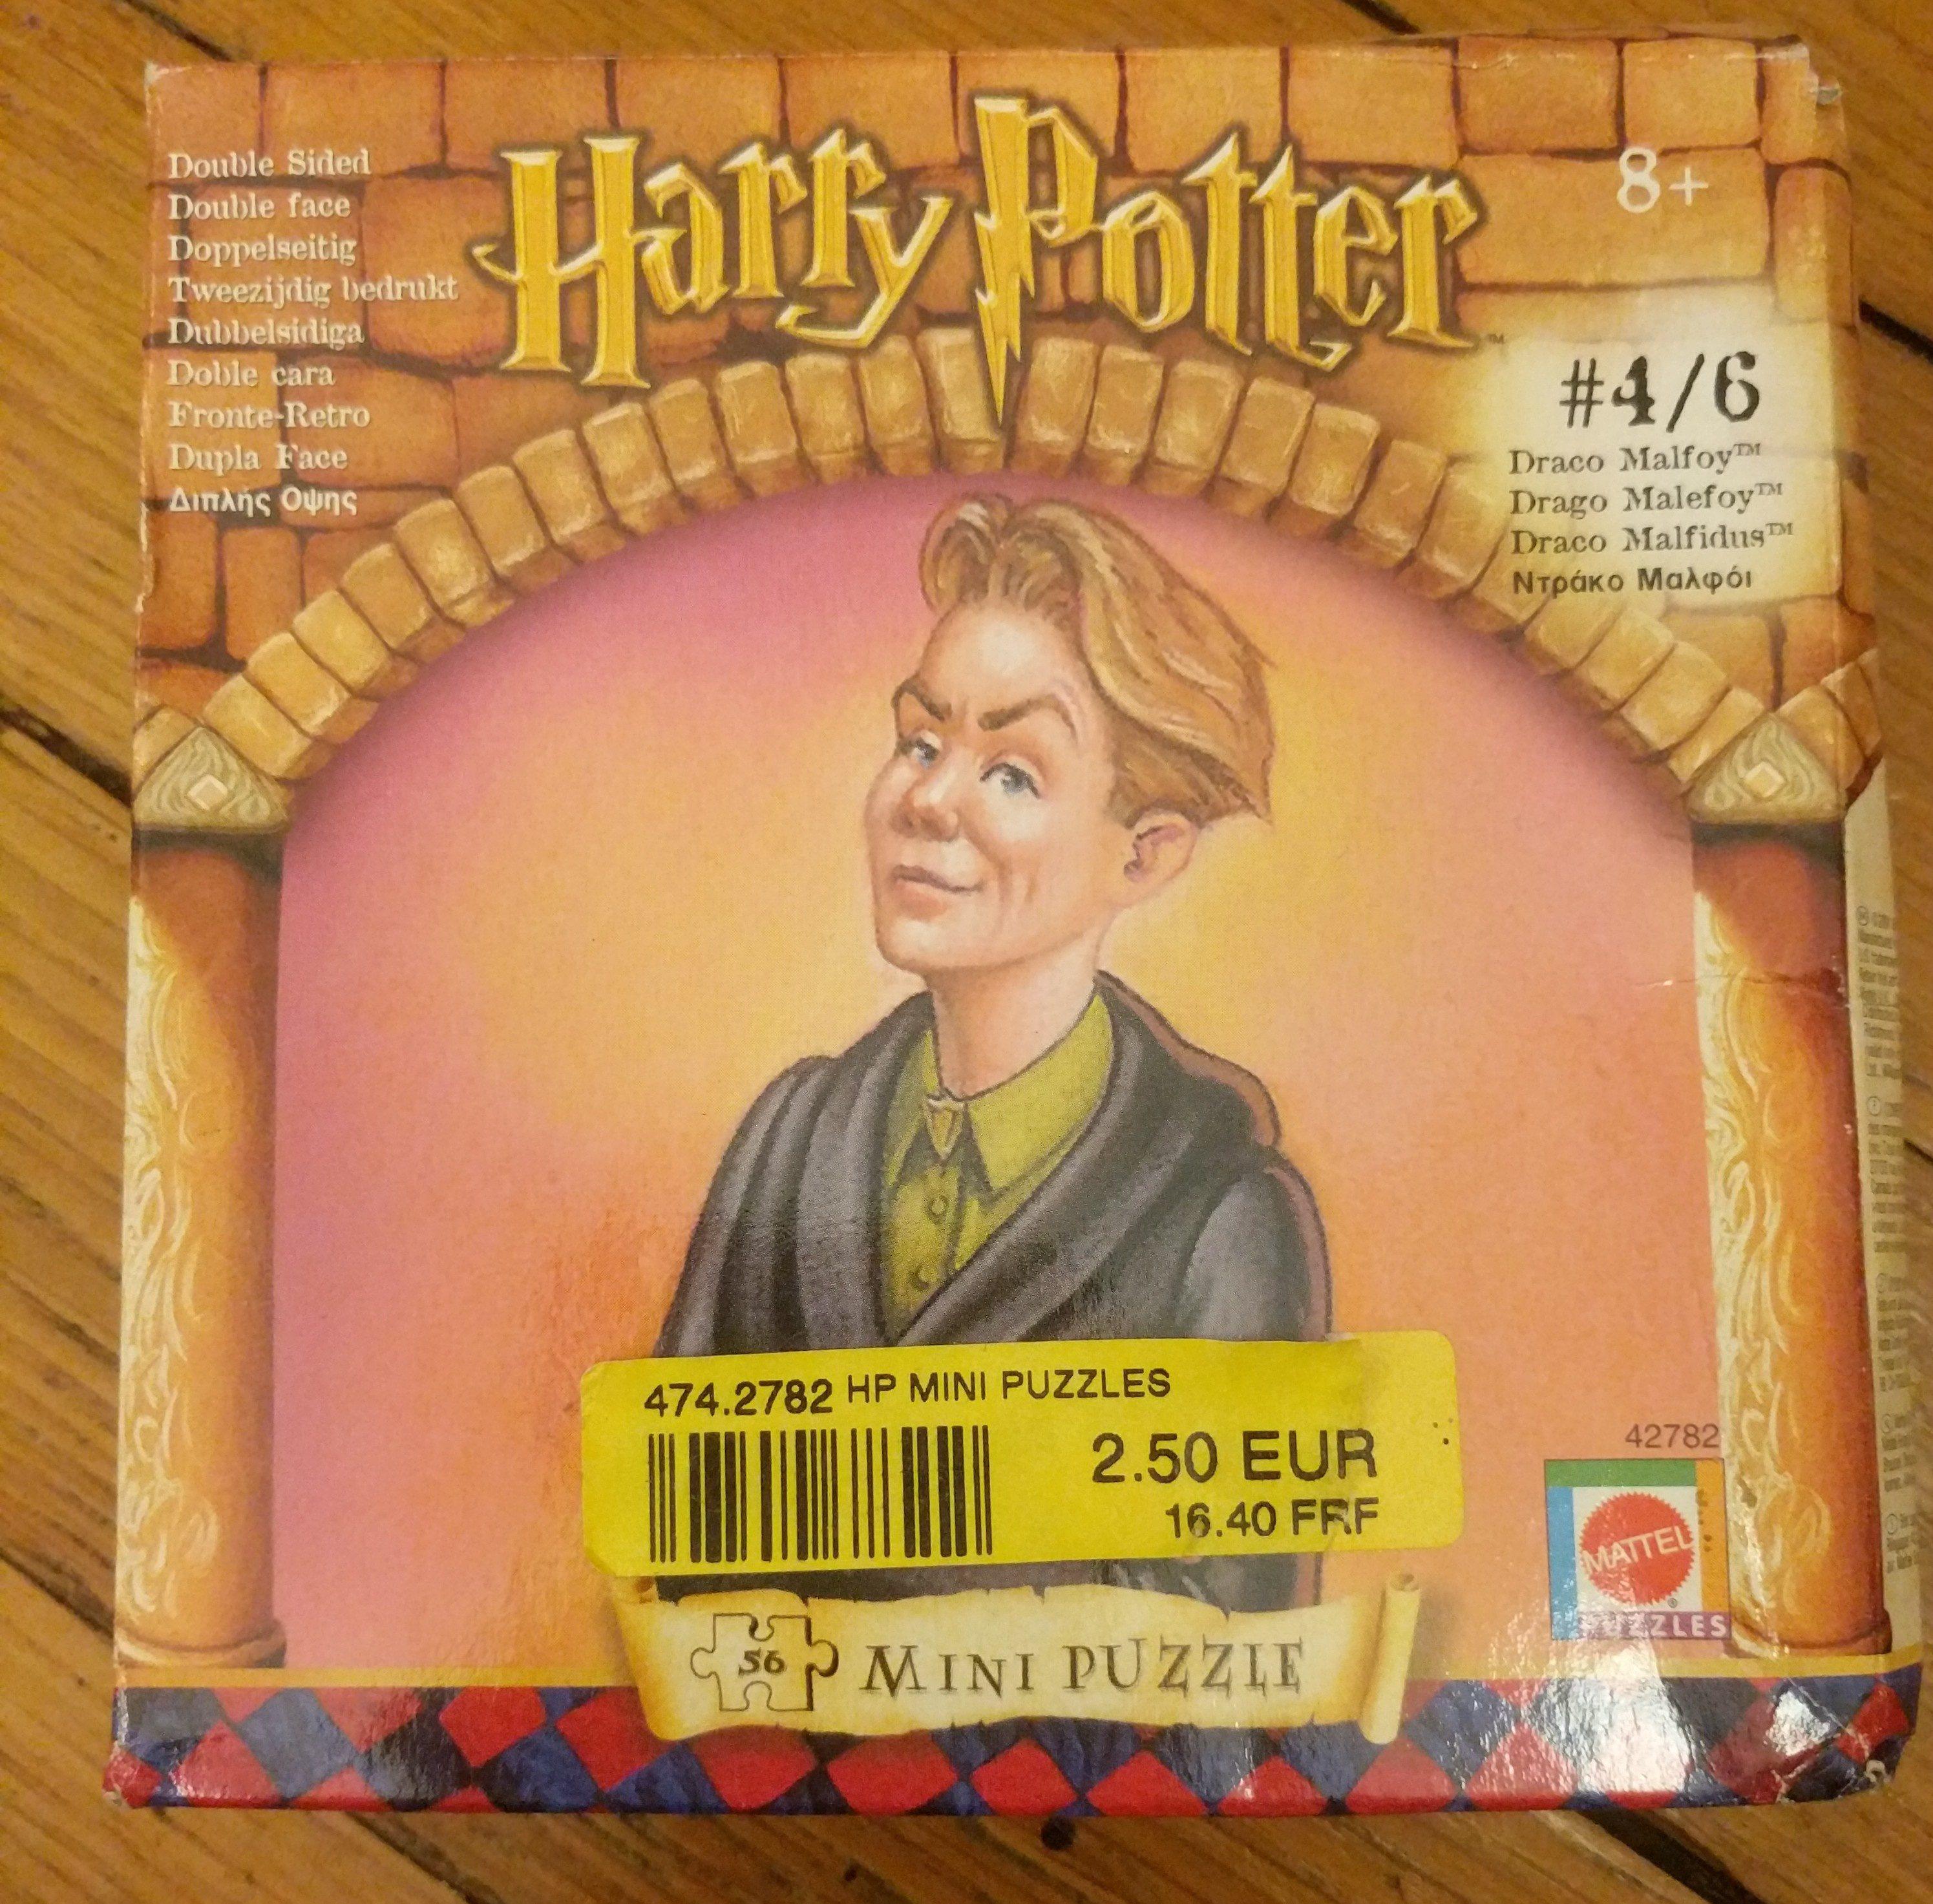 Harry Potter mini puzzles - Produit - en